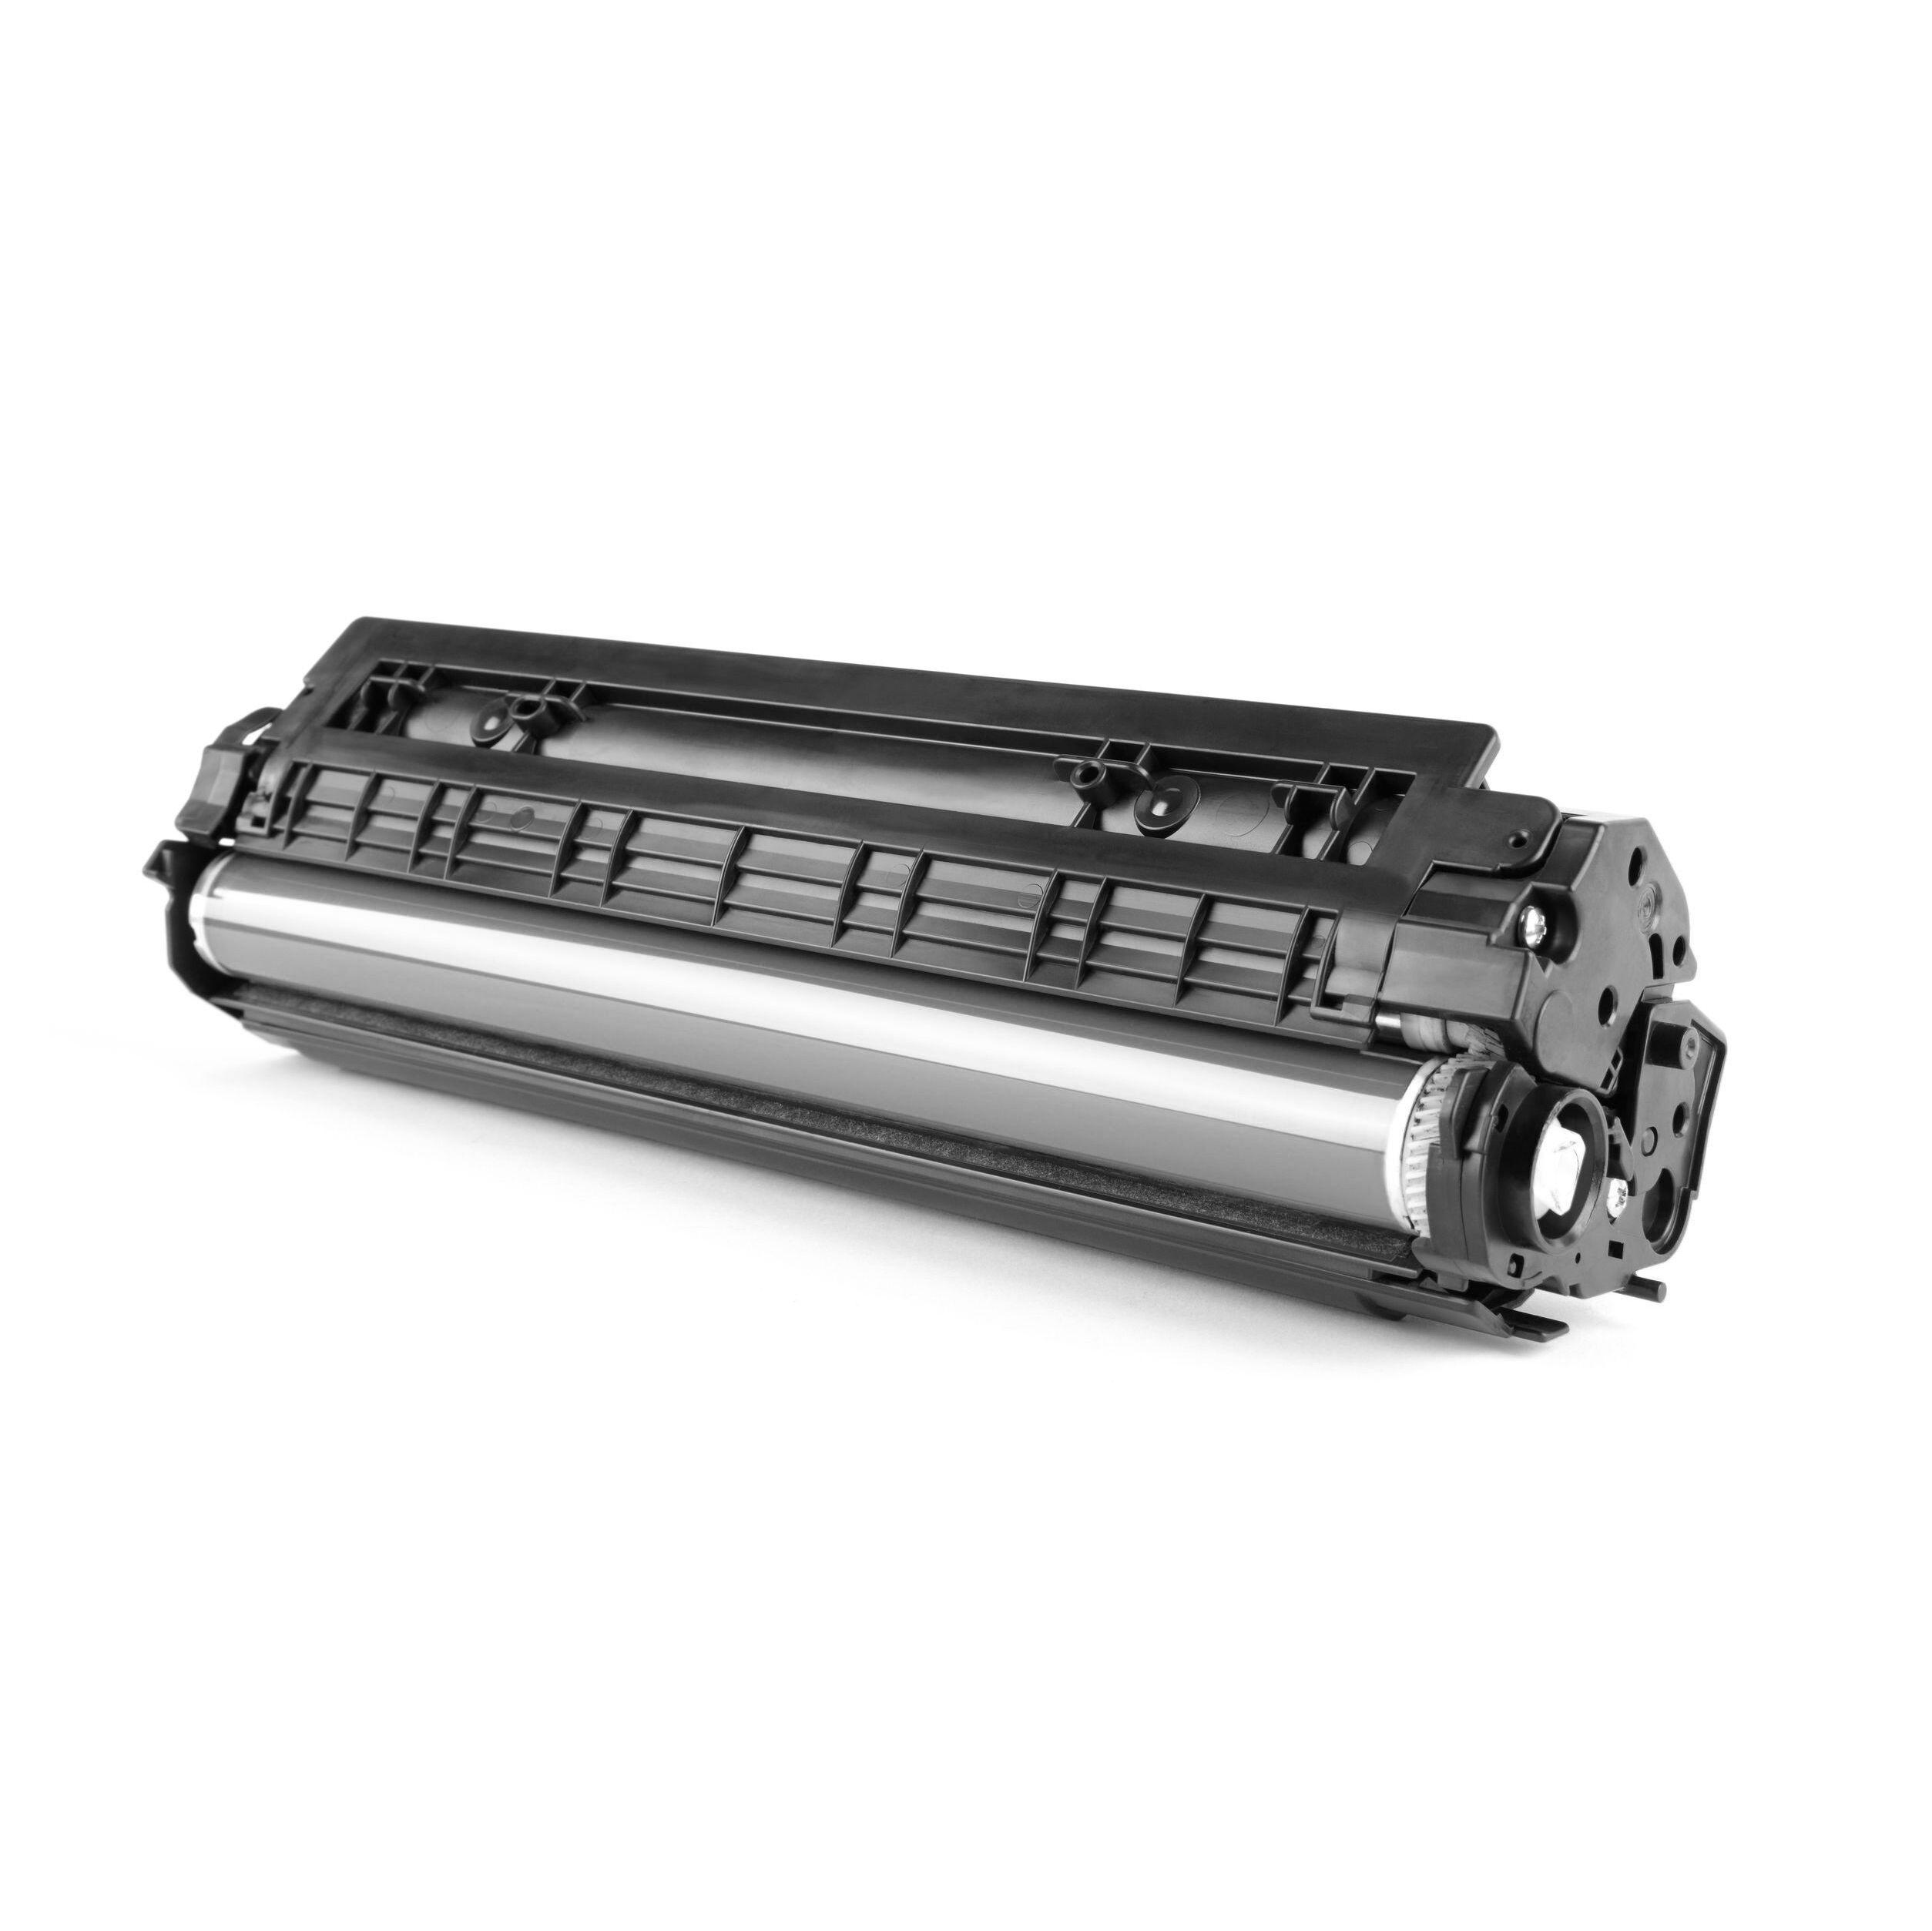 Brother HSE-211 Druckerzubehör schwarz white original - passend für Brother P-Touch E 500 VP